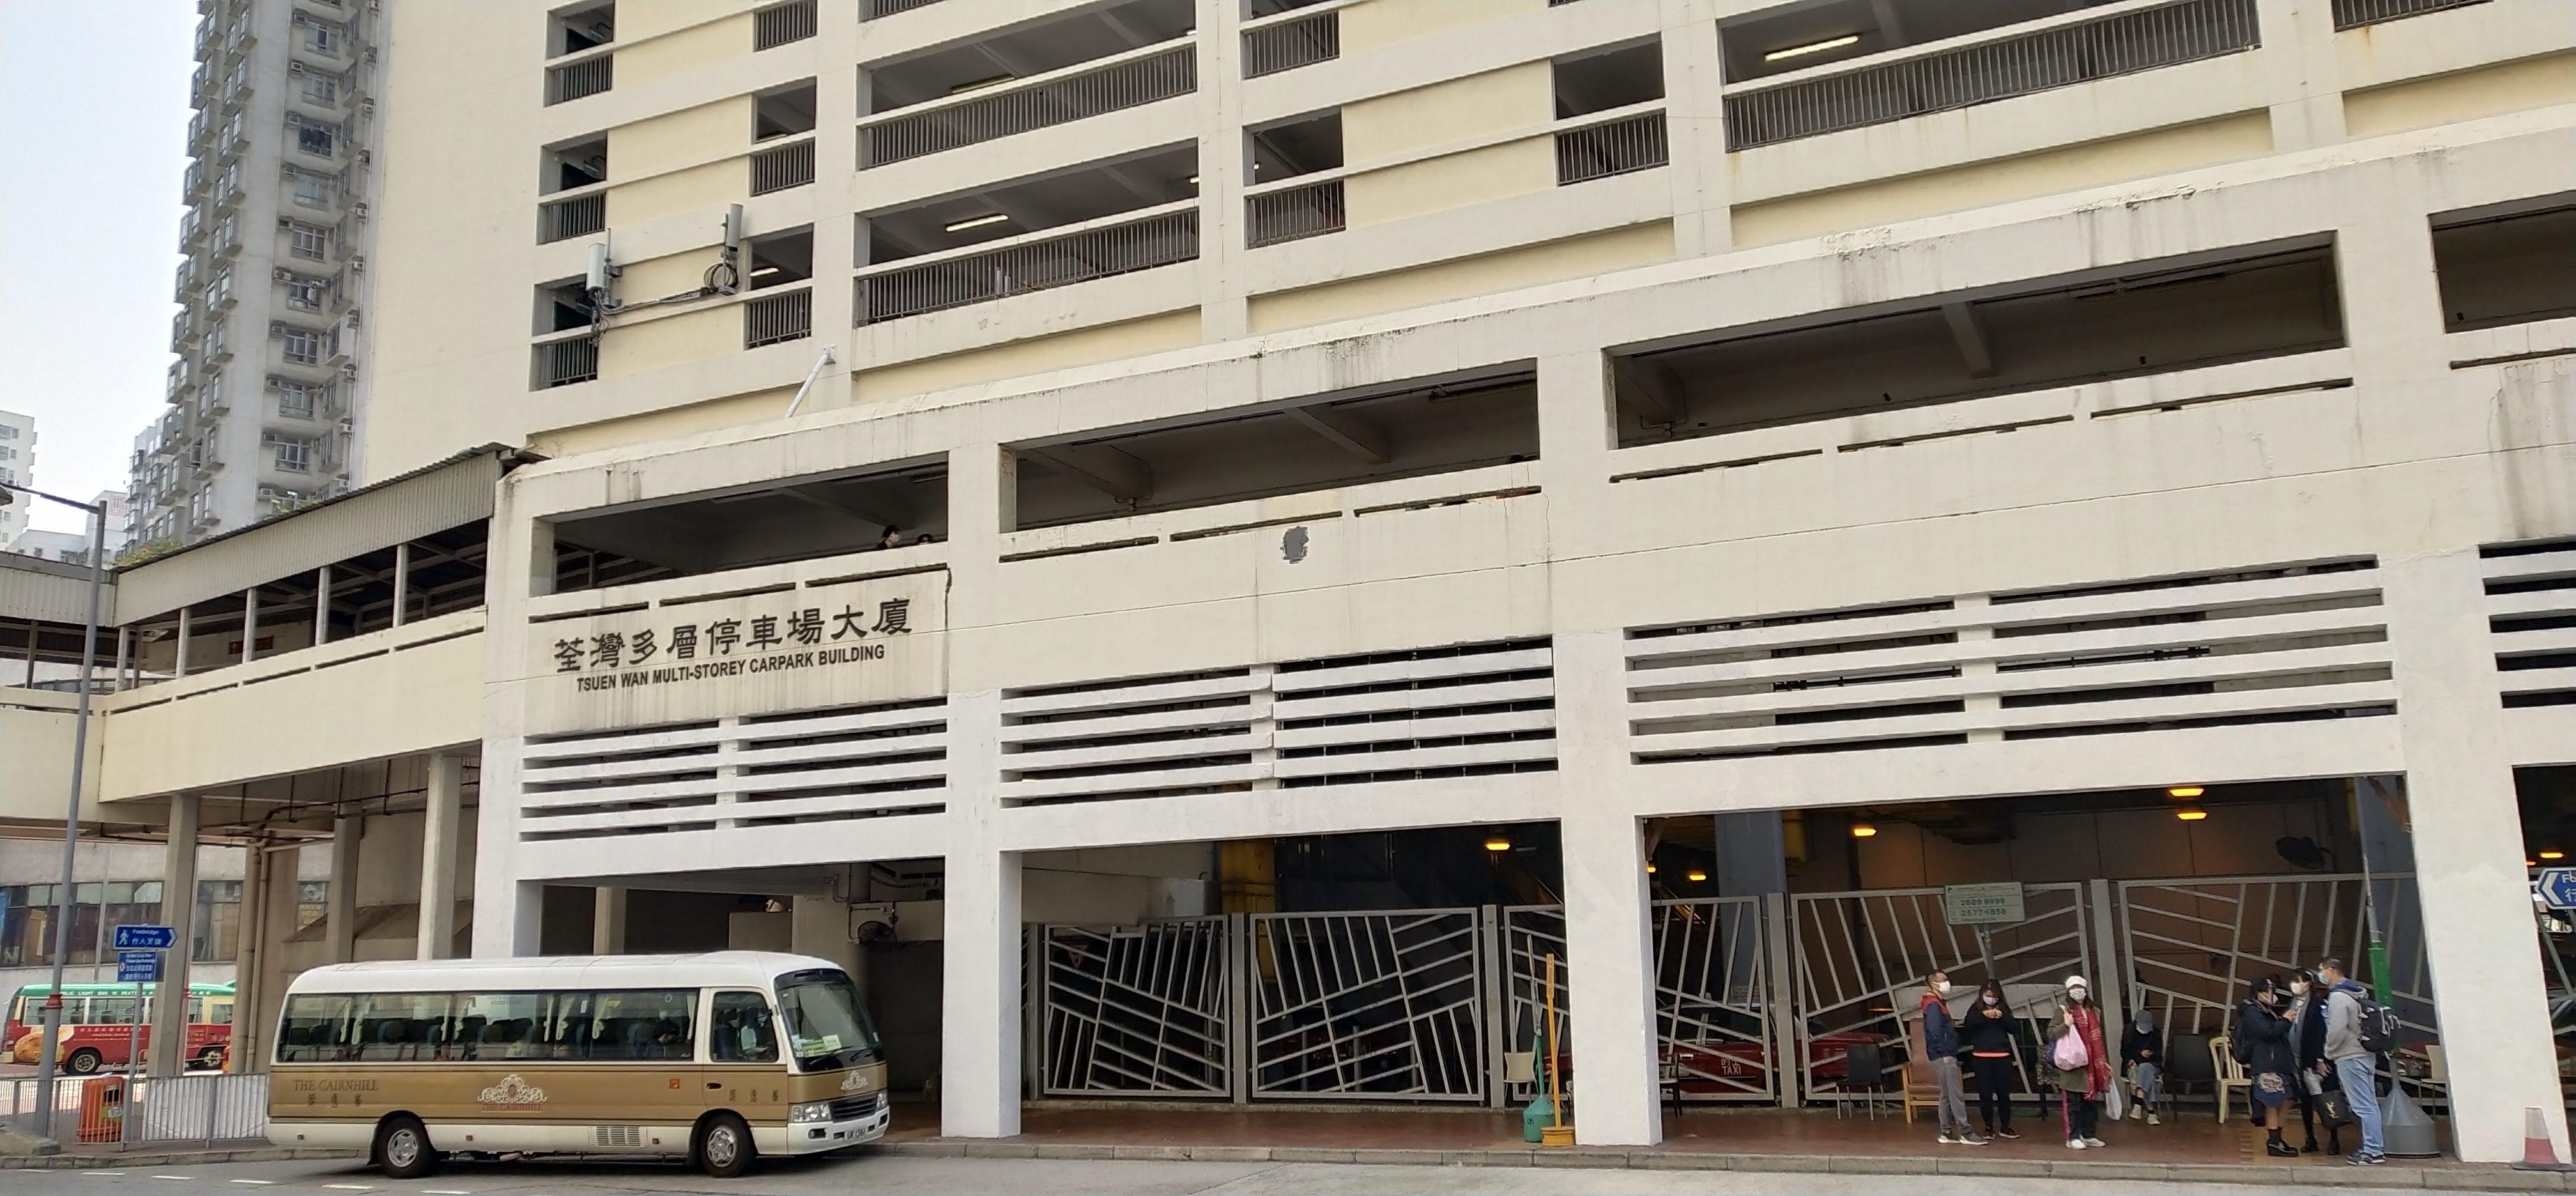 Tsuen Wan Multi-storey Carpark Building